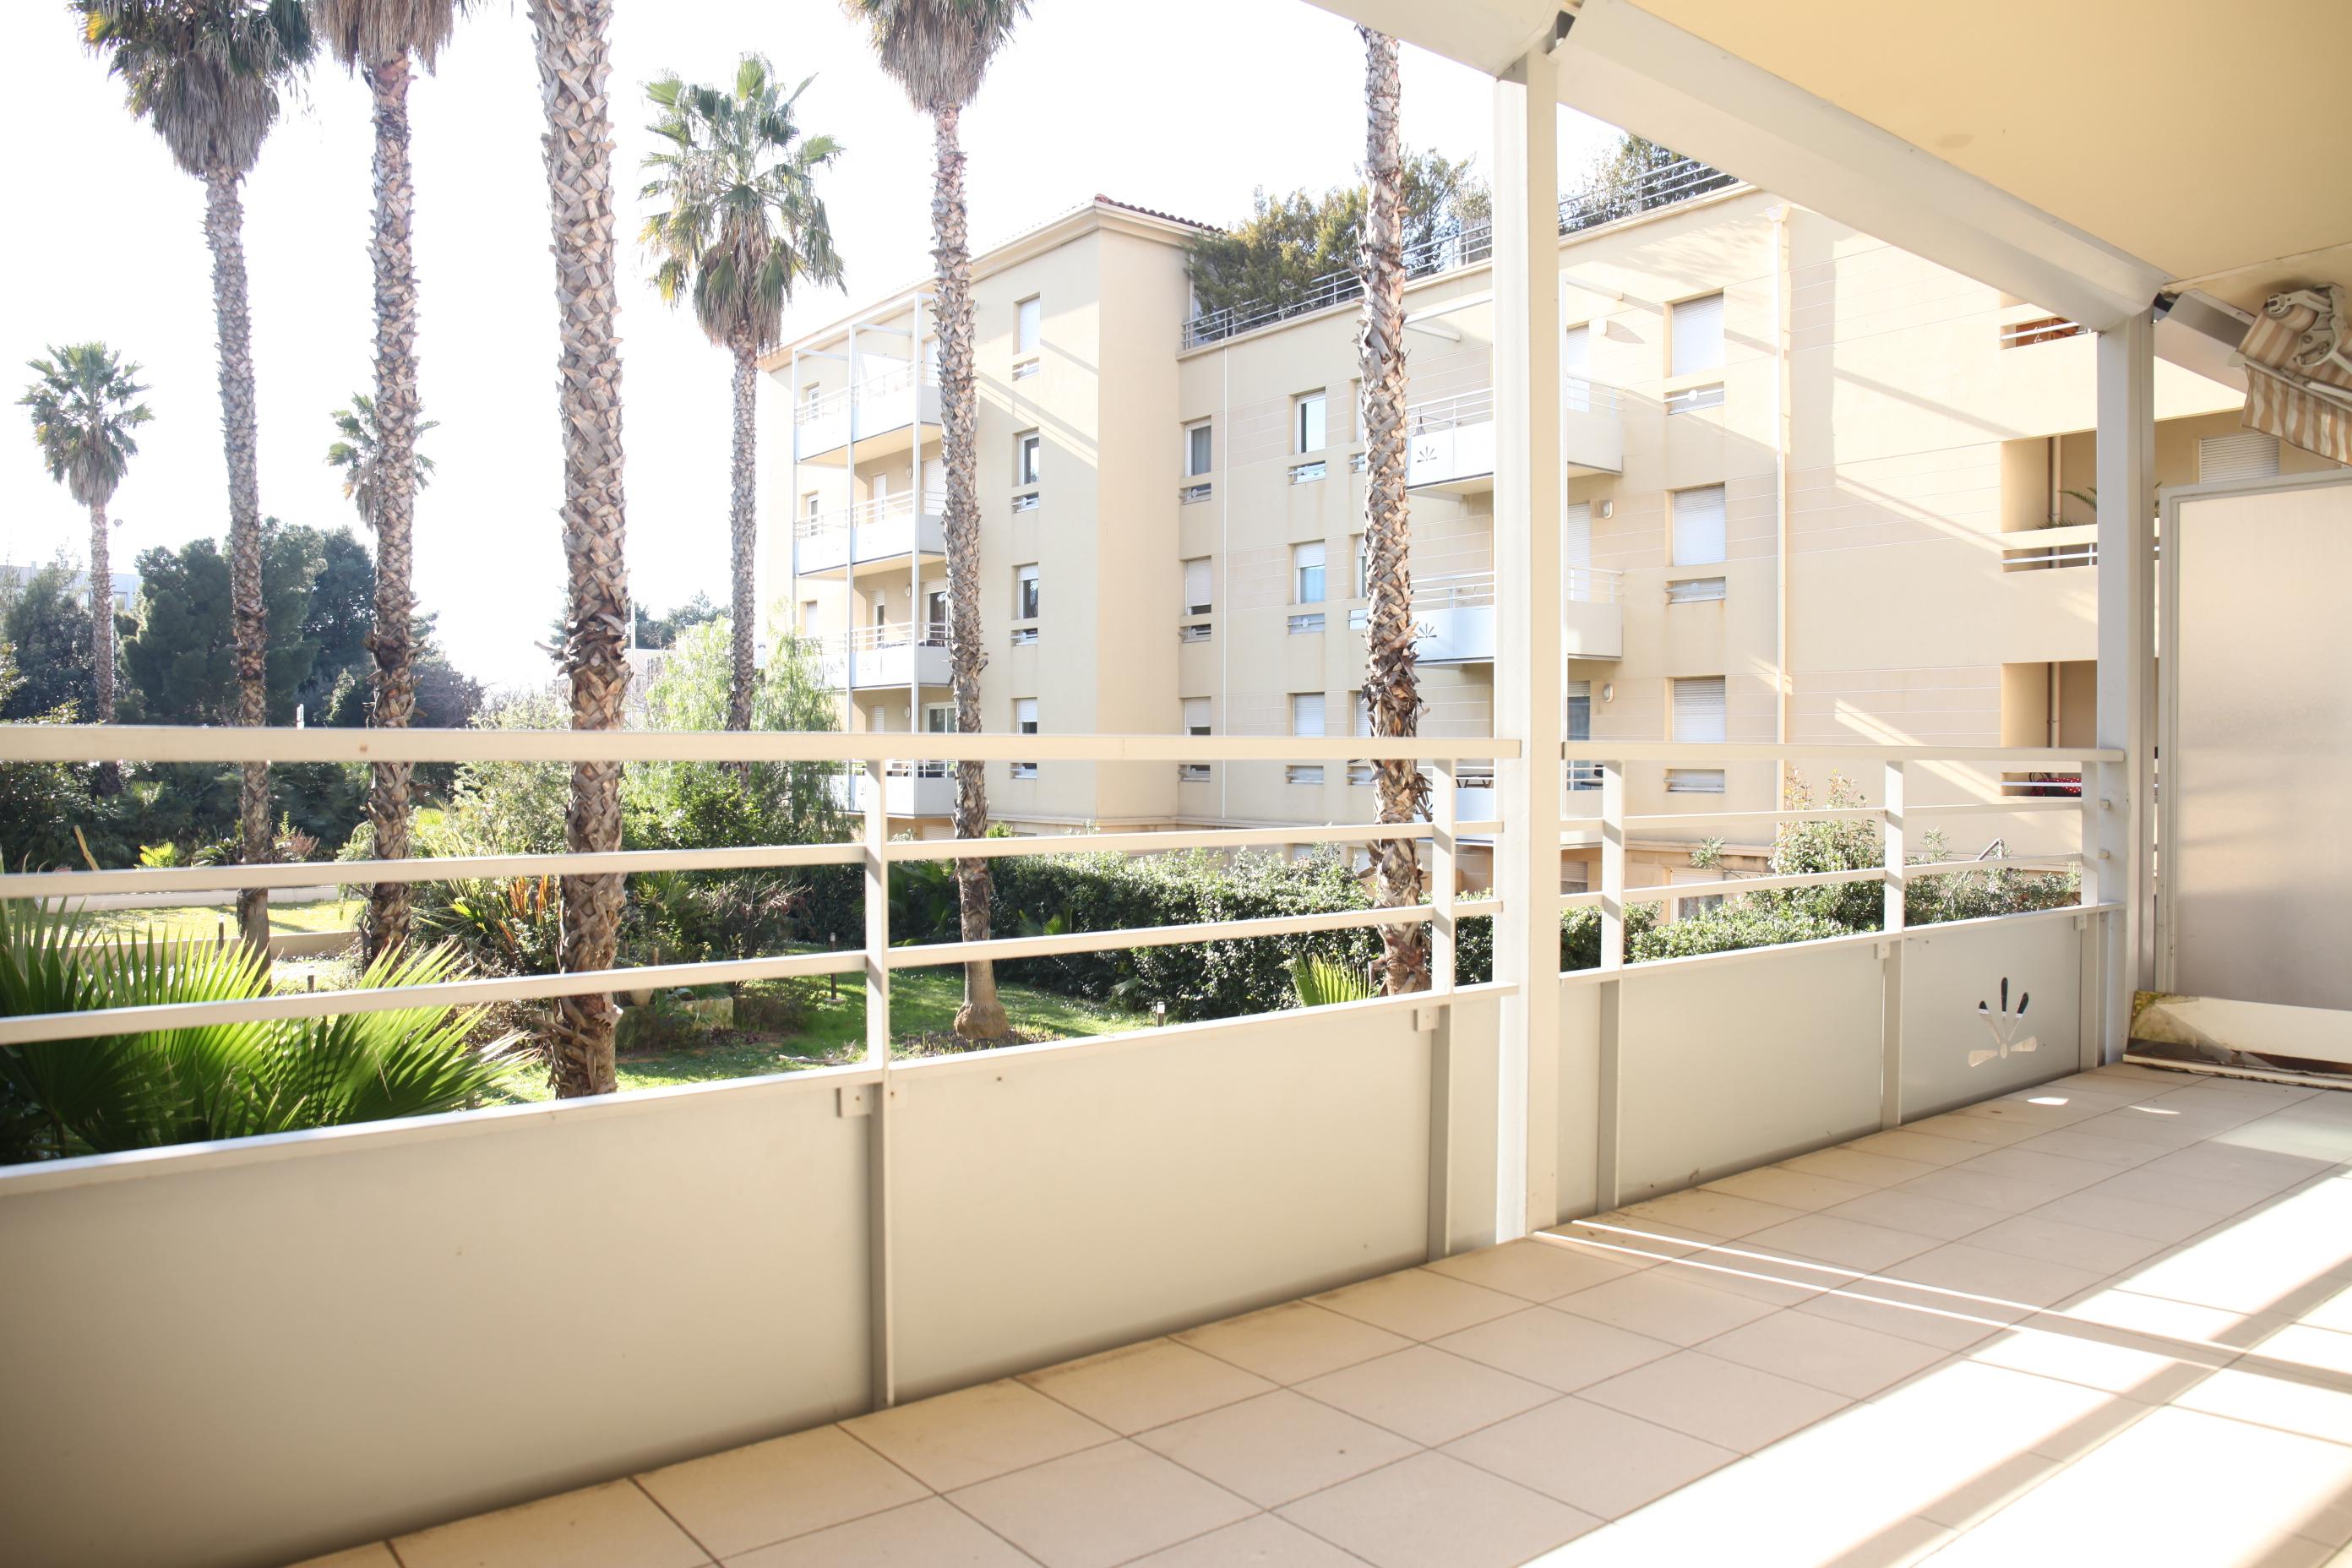 OFFRE EN COURS- Bonneveine - T4 avec terrasse & balcon - parking - 319 000 €